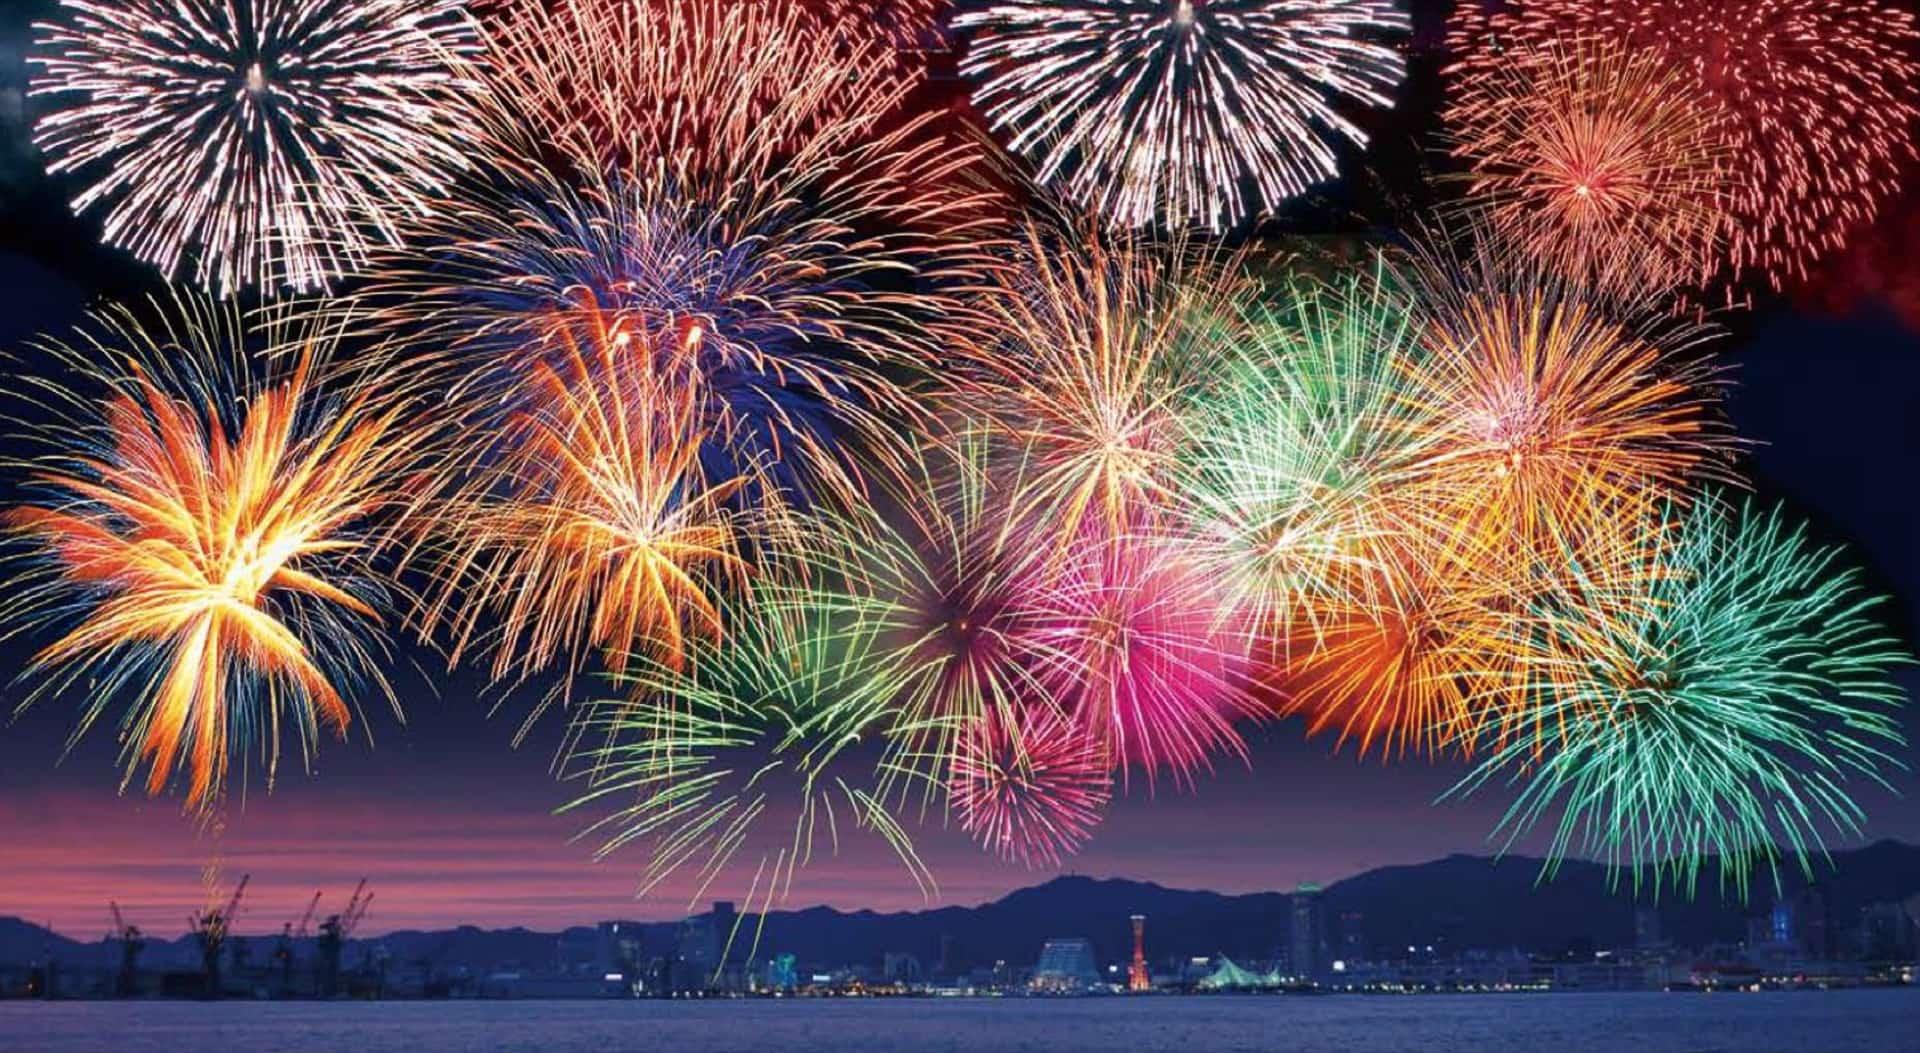 「みなとこうべ海上花火大会2020」は10月31日に開催!例年と異なるので注意